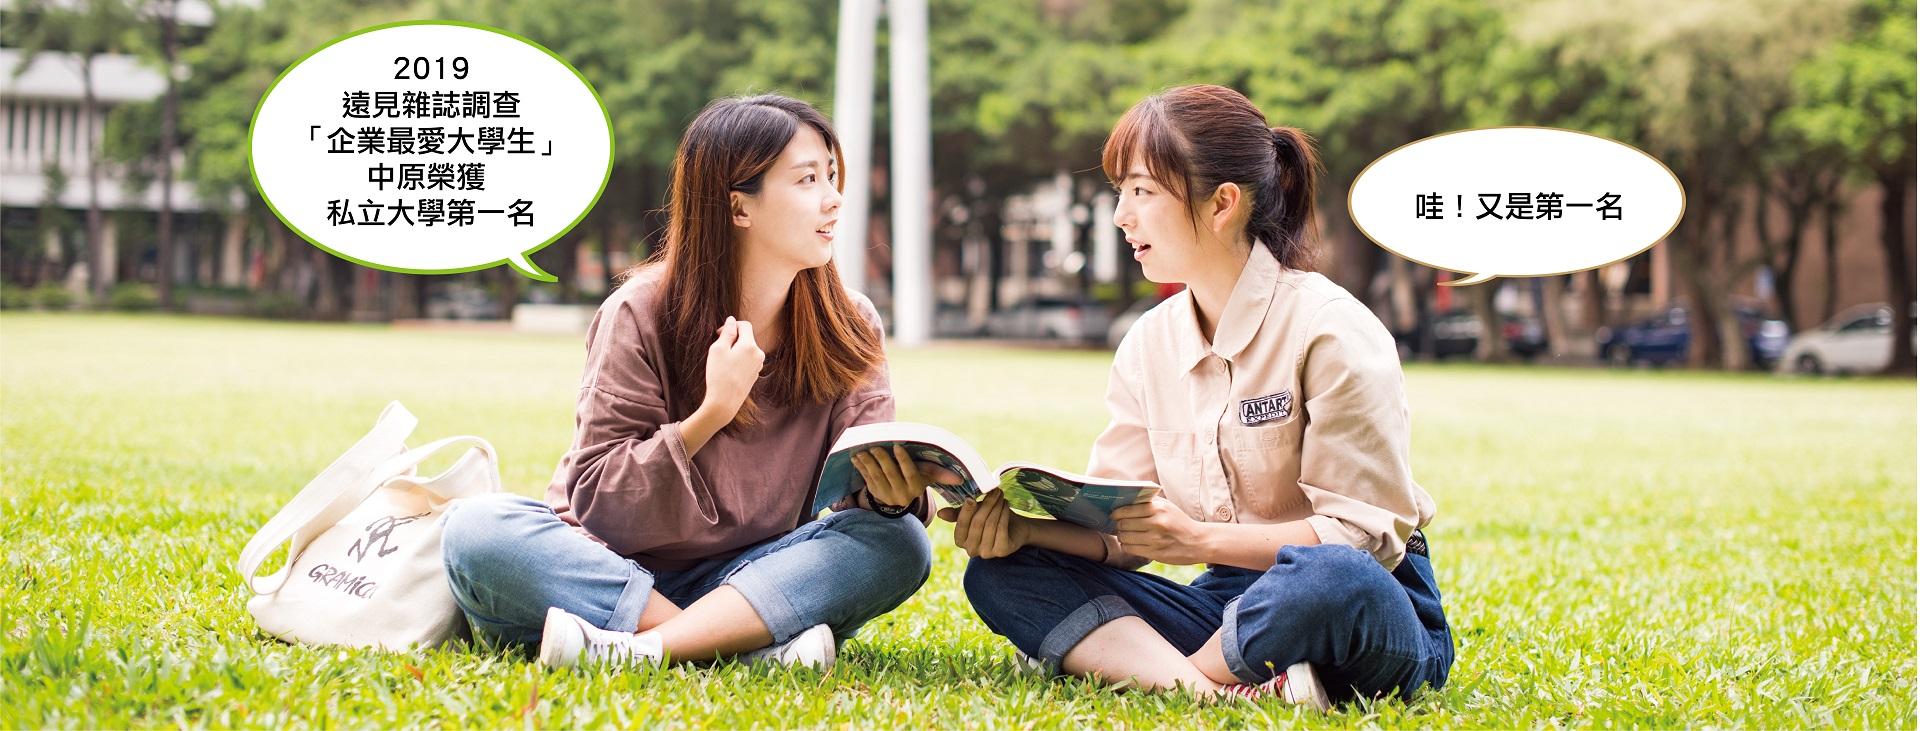 遠見雜誌調查企業最愛大學中原大學私校第一